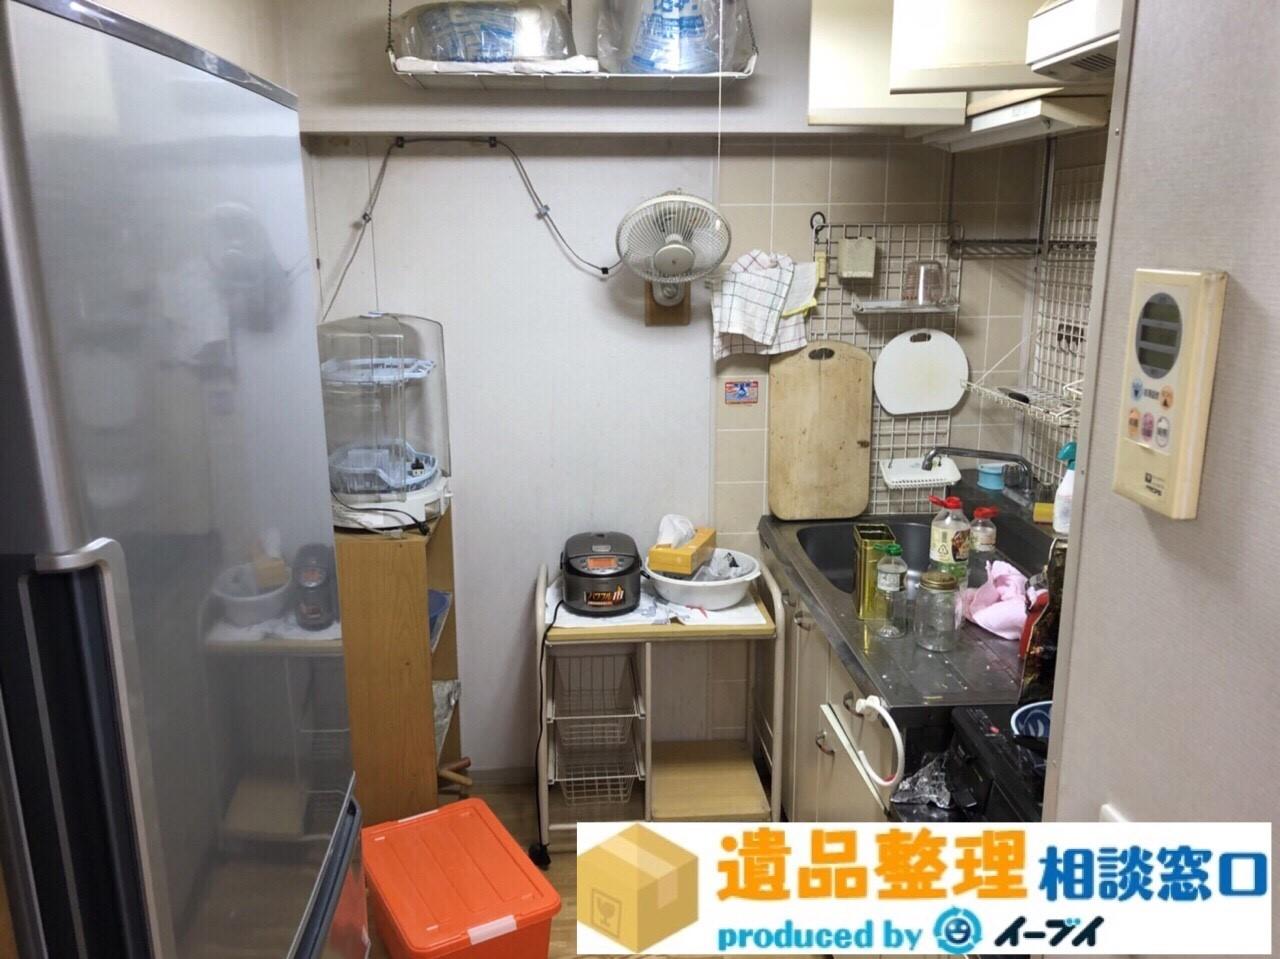 大阪府豊中市で生前整理に伴い洗濯機や台所の片付け。のアイキャッチ